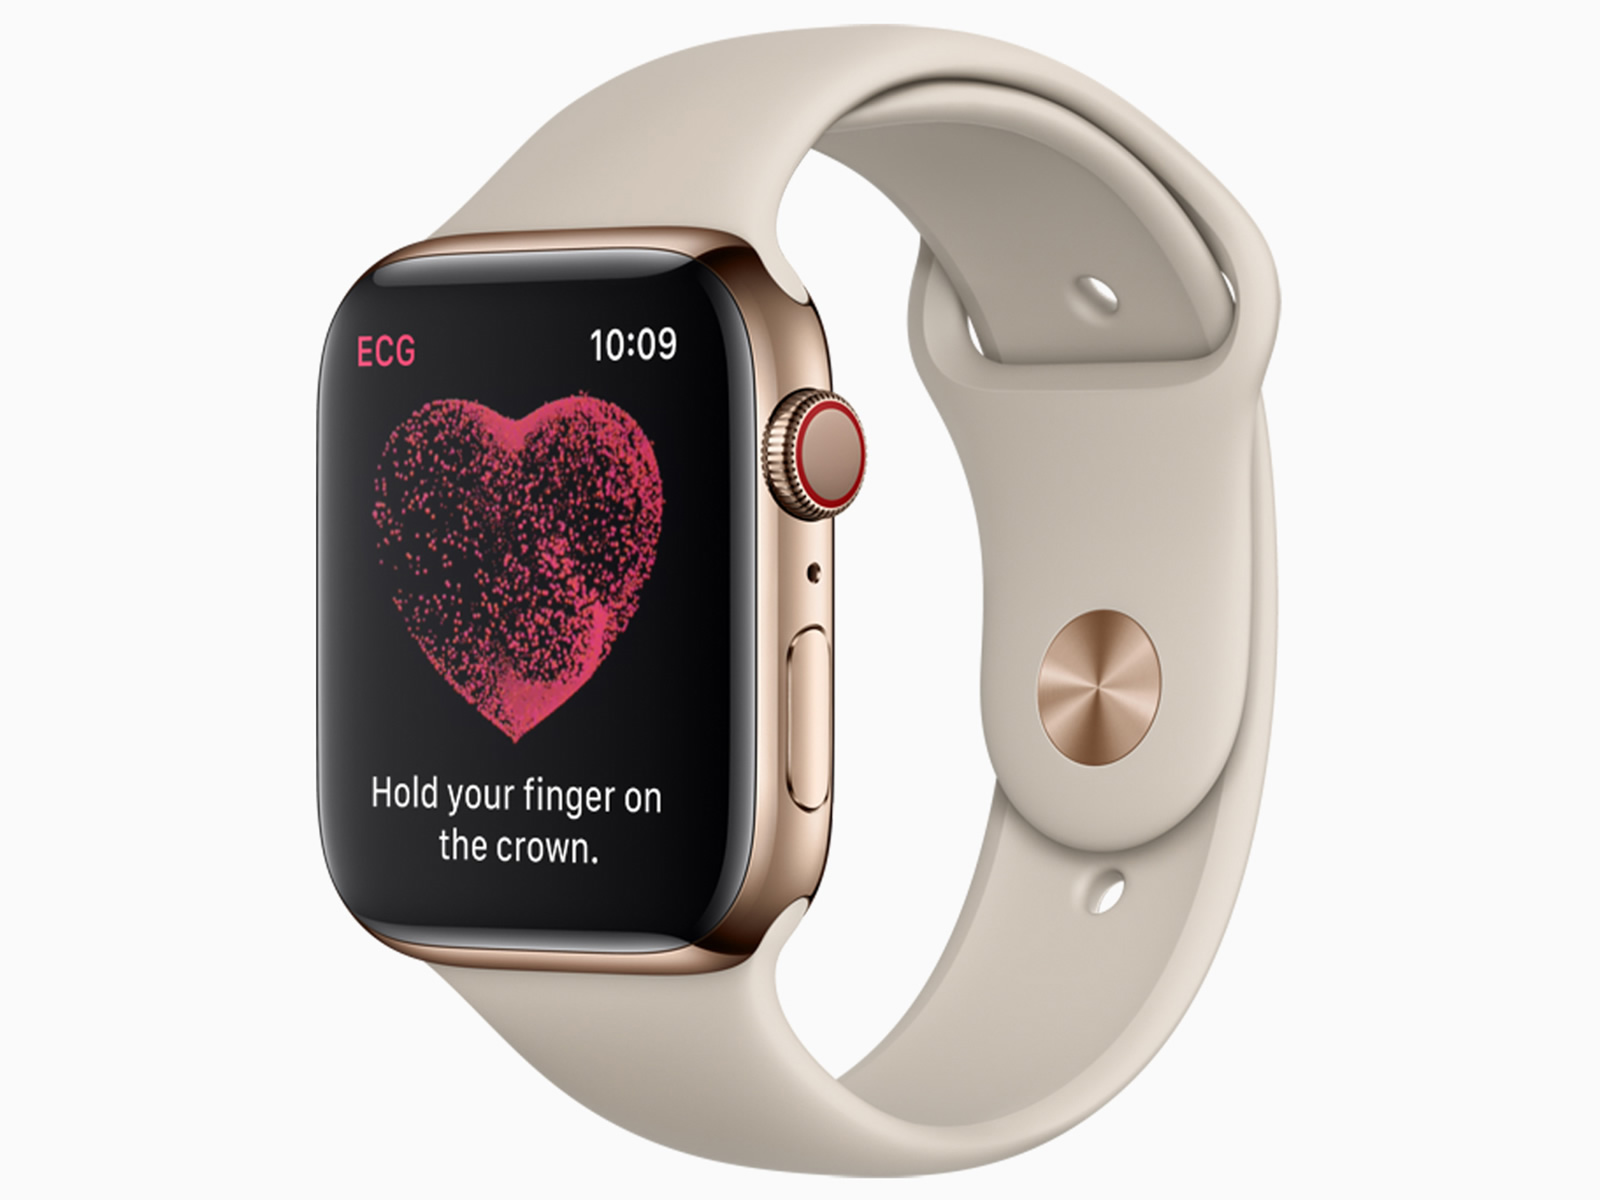 apple-watch-series-4-9-.jpg